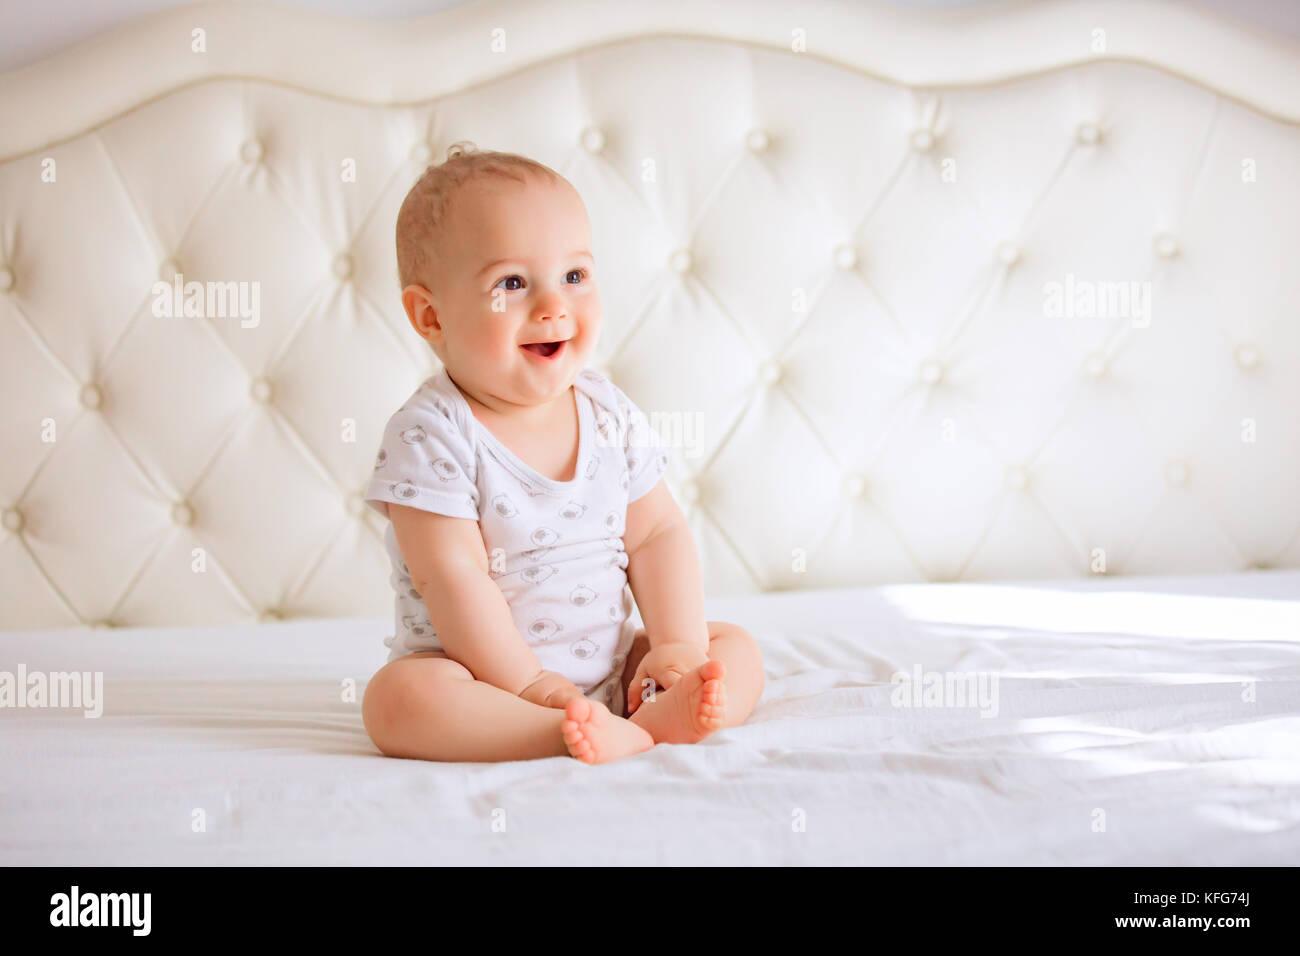 Adorable baby boy in bianco e luminosa camera da letto. Bambino neonato relax nel letto. Scuola materna per i bambini Immagini Stock